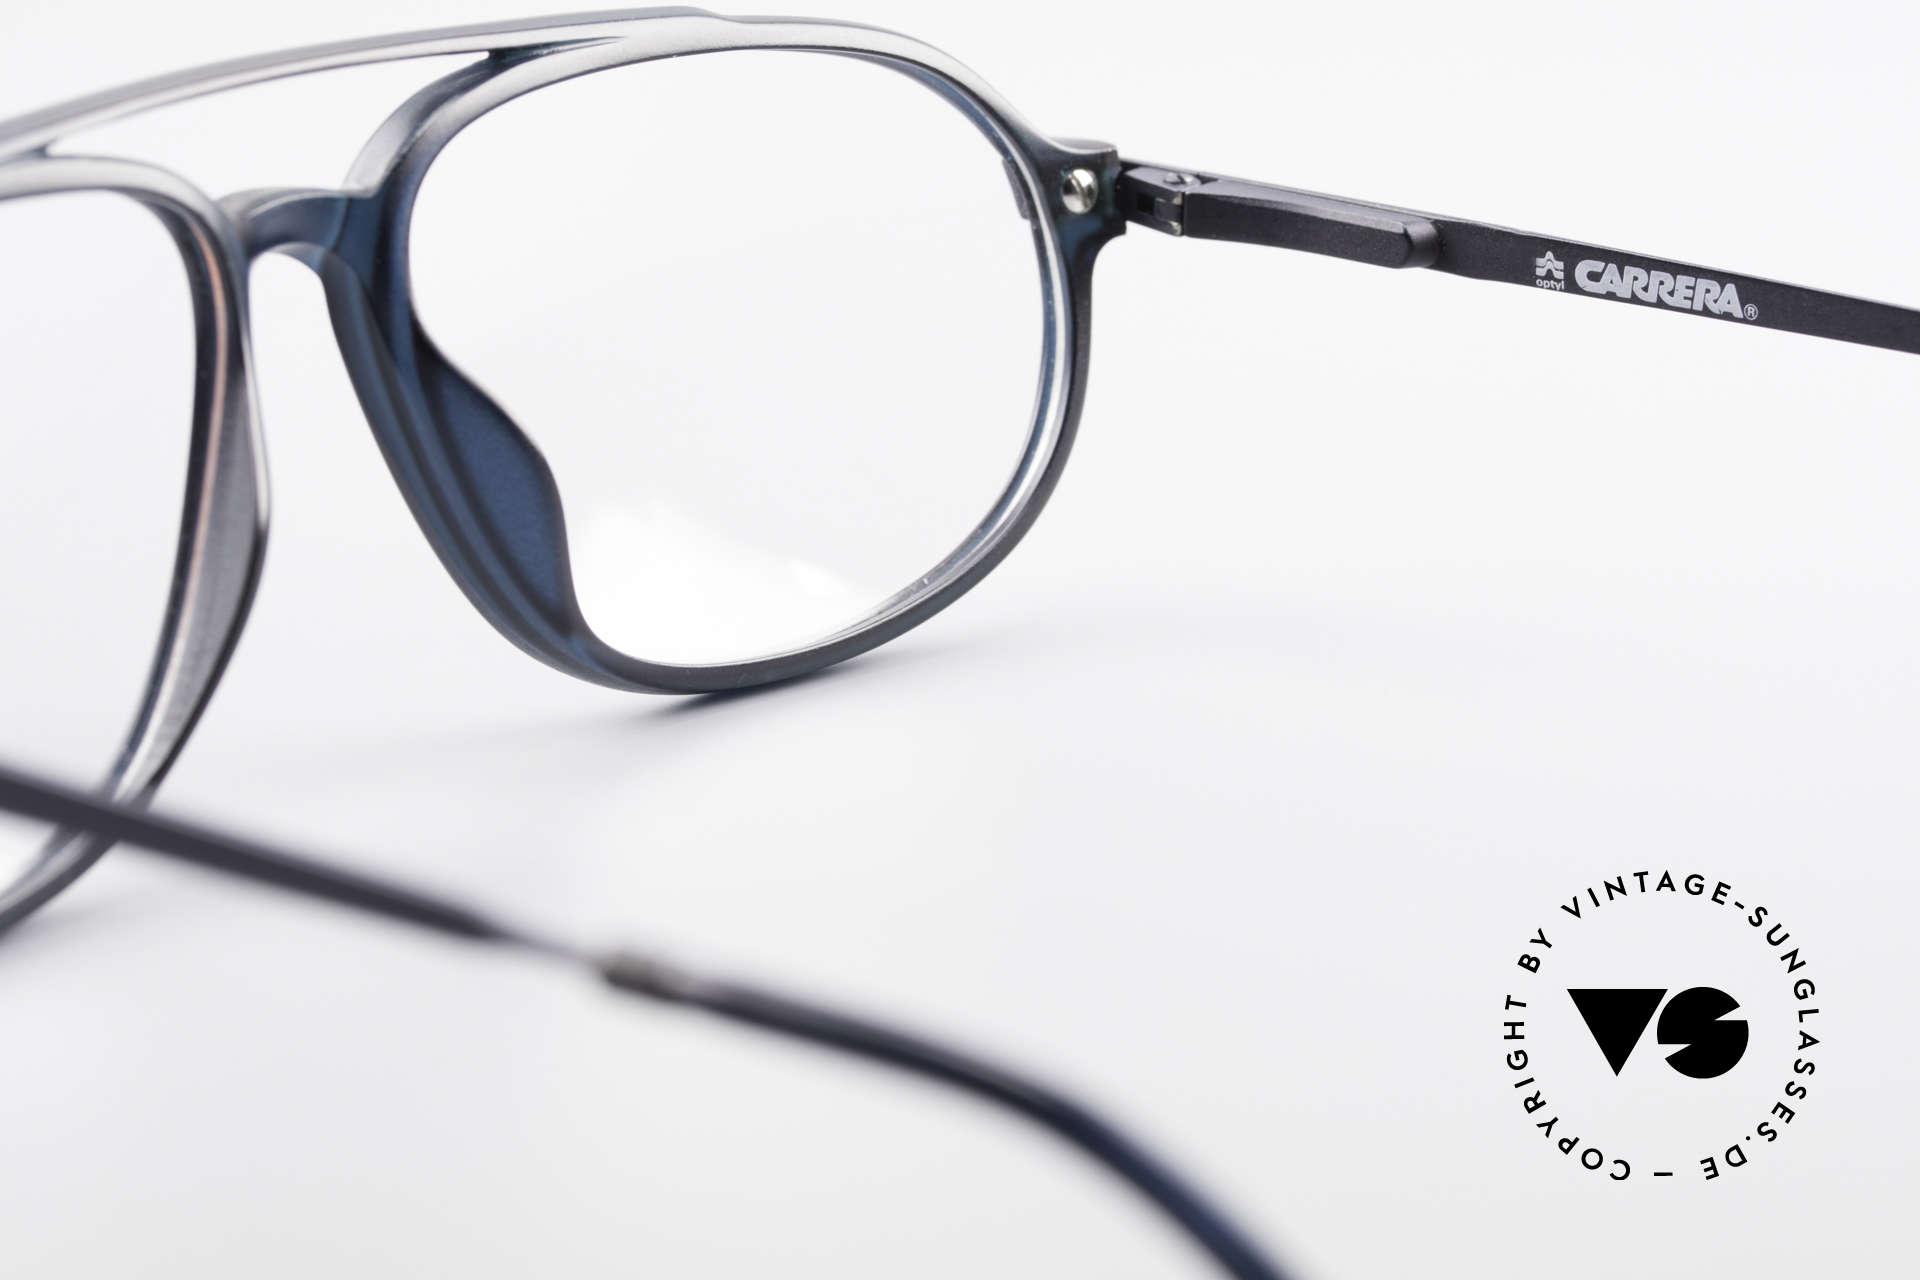 Carrera 4900 90er Vintage Brille No Retro, DEMO-Gläser sind beliebig ersetzbar (optisch/Sonne), Passend für Herren